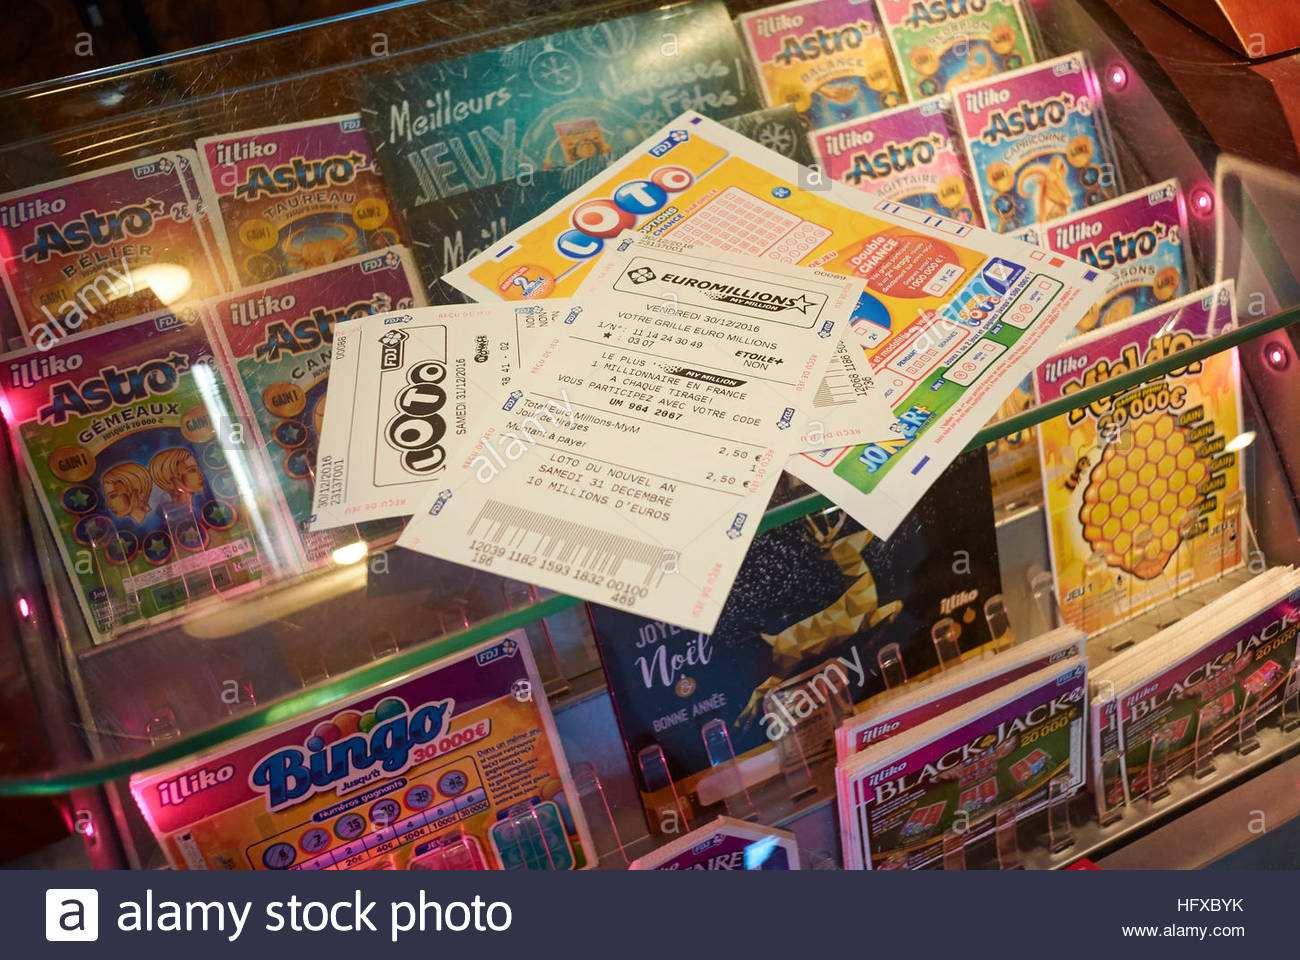 Oz lotto lotteria australiana - regole + istruzione: come acquistare un biglietto dalla Russia